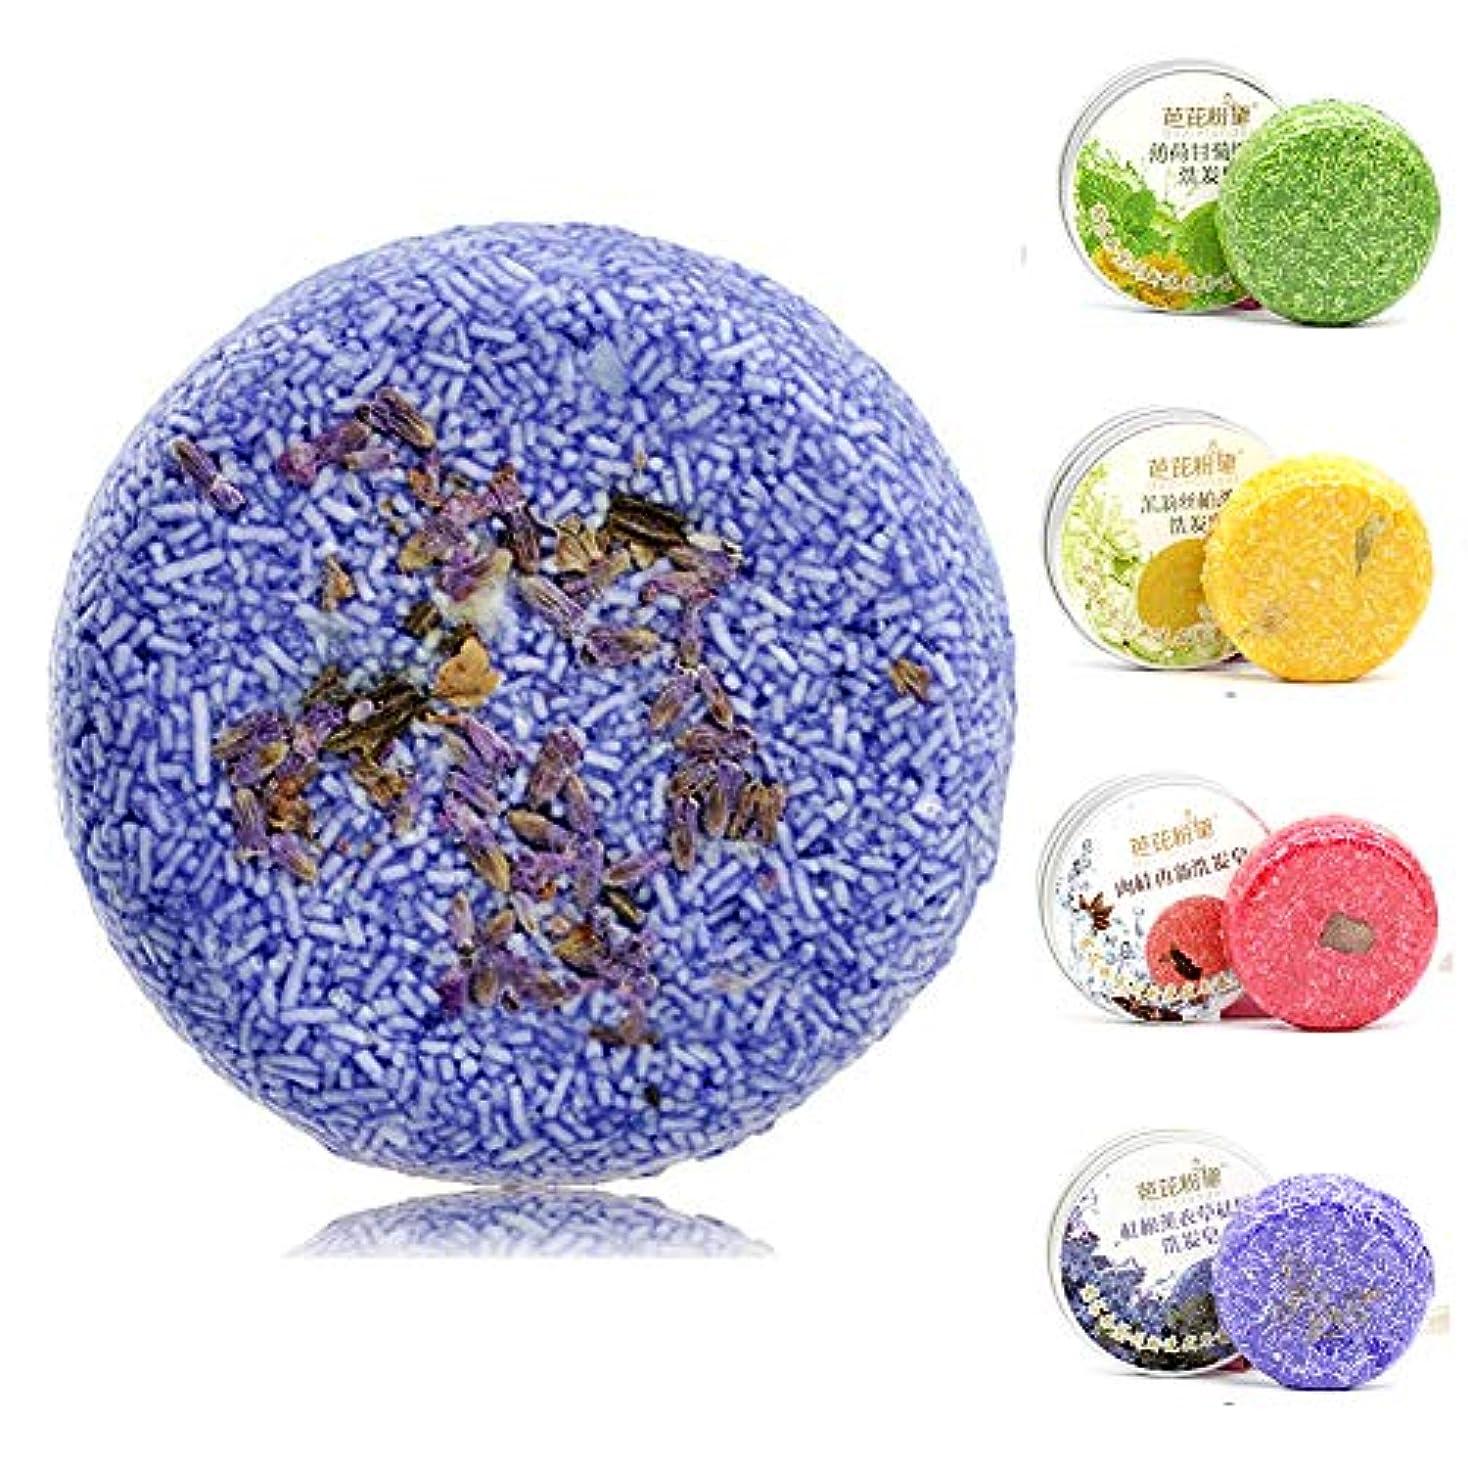 明確な価値タンパク質ヘアソープシャンプーバー、手作りナチュラルエッセンシャルオイルソープコンディショナーバー、ヘアークリーニング、モイスチャライジング(Lavender,ラベンダーソープ55g)